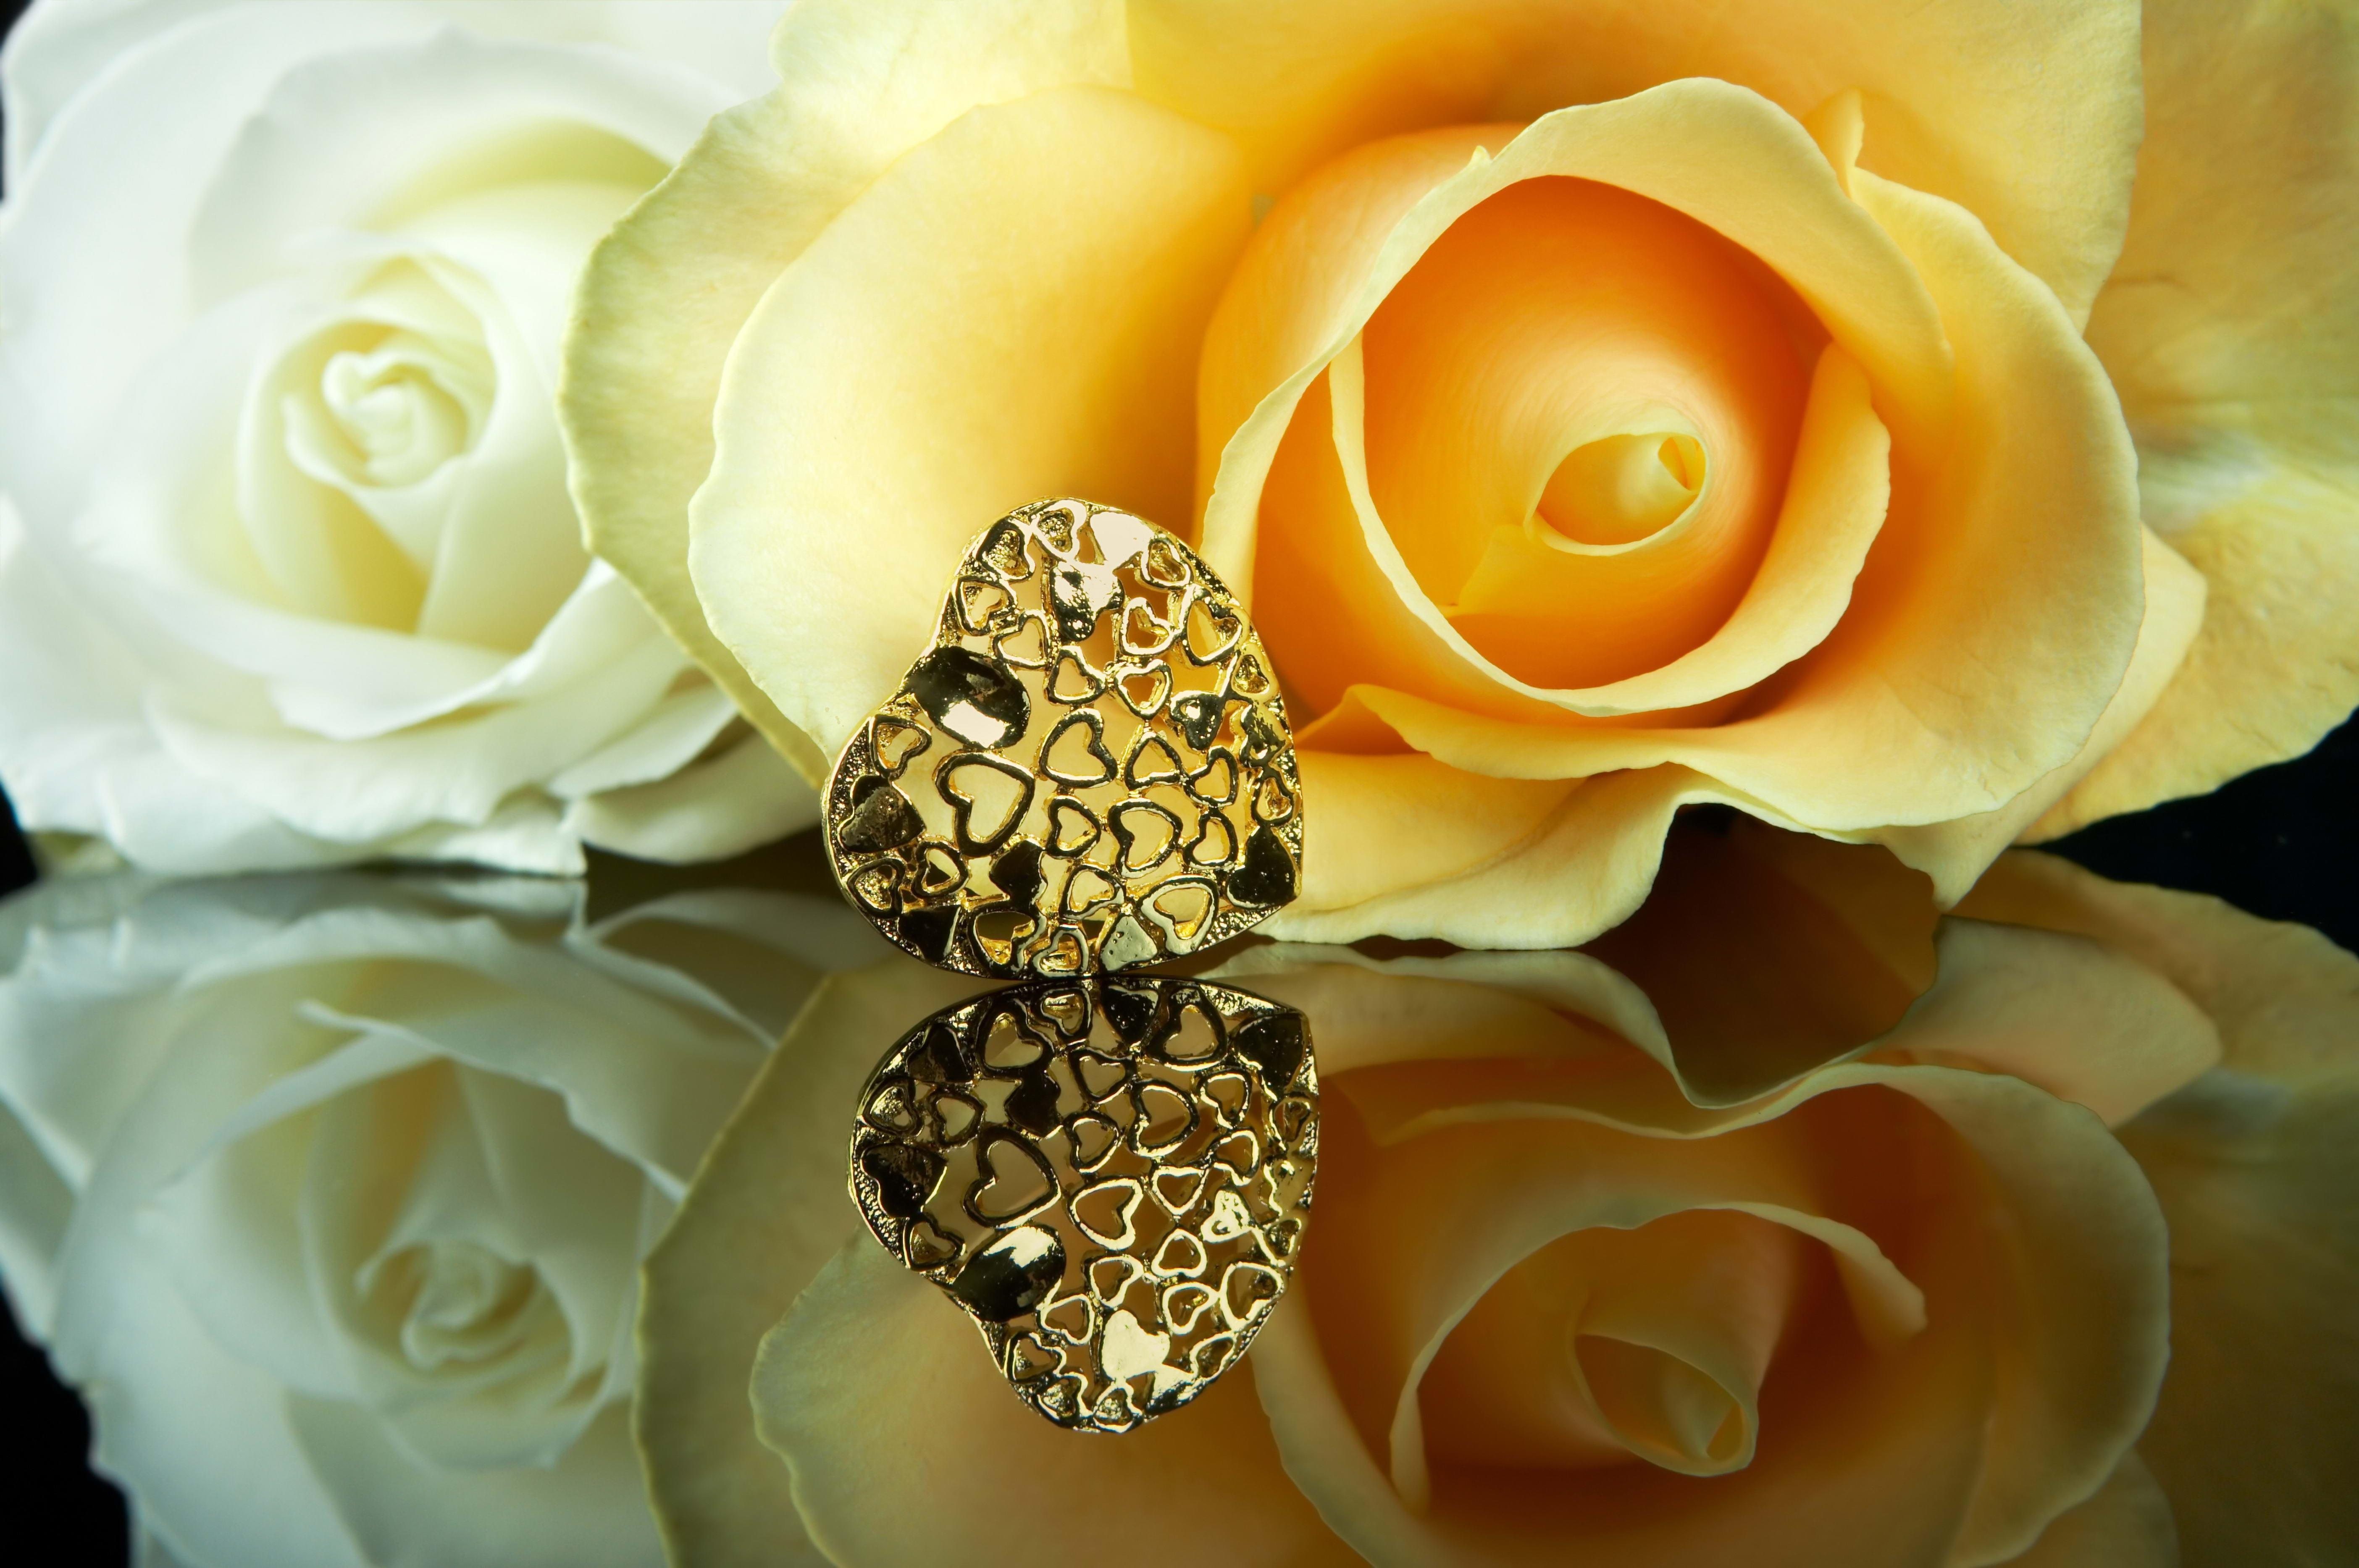 описать бриллианты и розы фото прорабатывал каждое движение